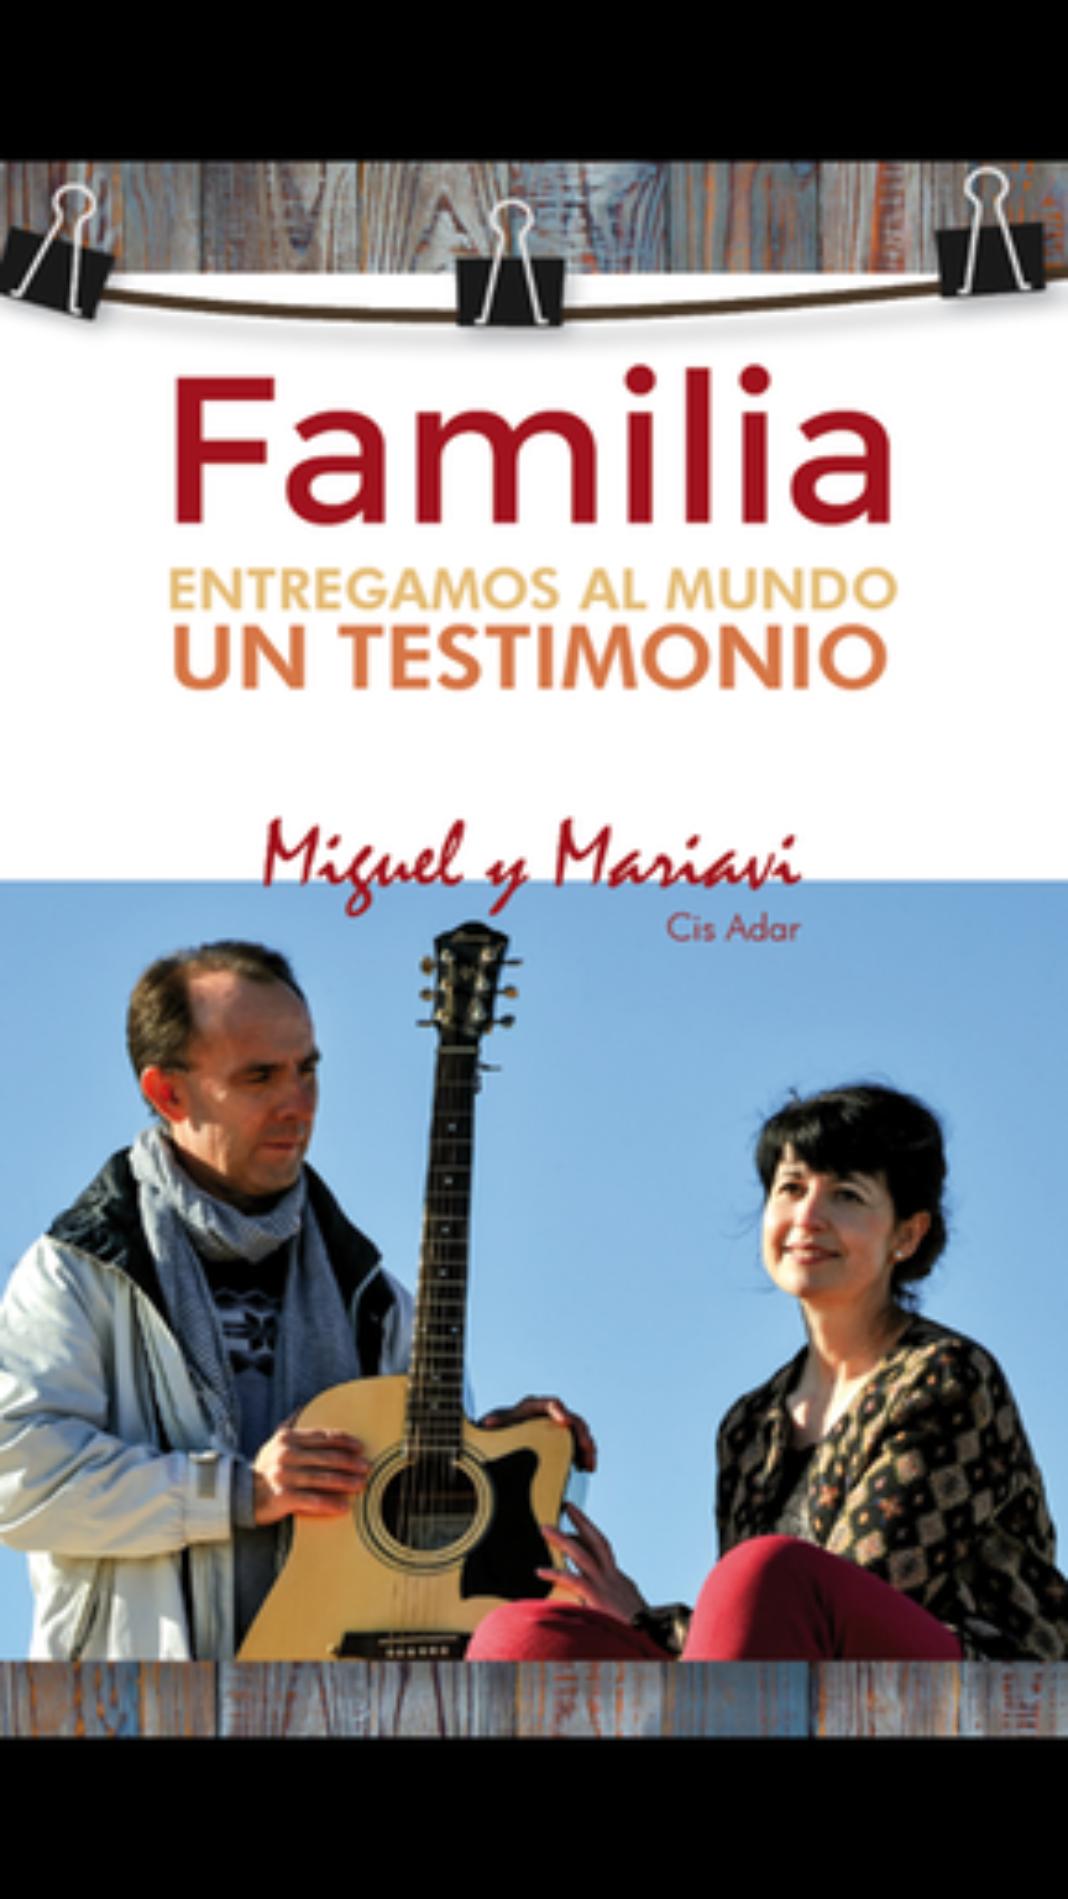 """Cis Adar Miguel y Mariavi 1068x1899 - Cis Adar lanza su disco """"Familia"""" en todas las plataformas digitales"""